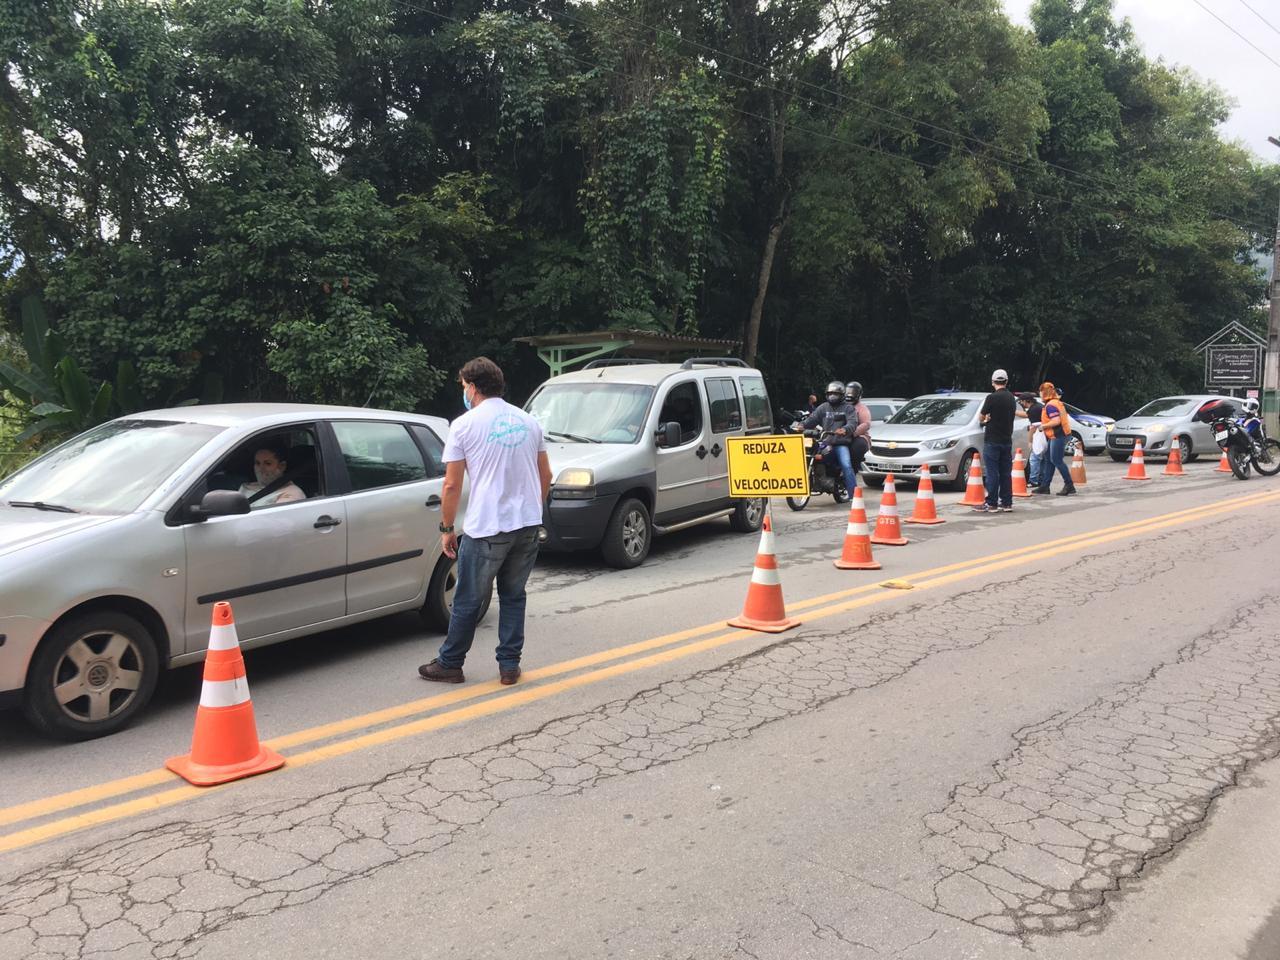 Prefeitura inicia blitz sanitária no bairro Limeira